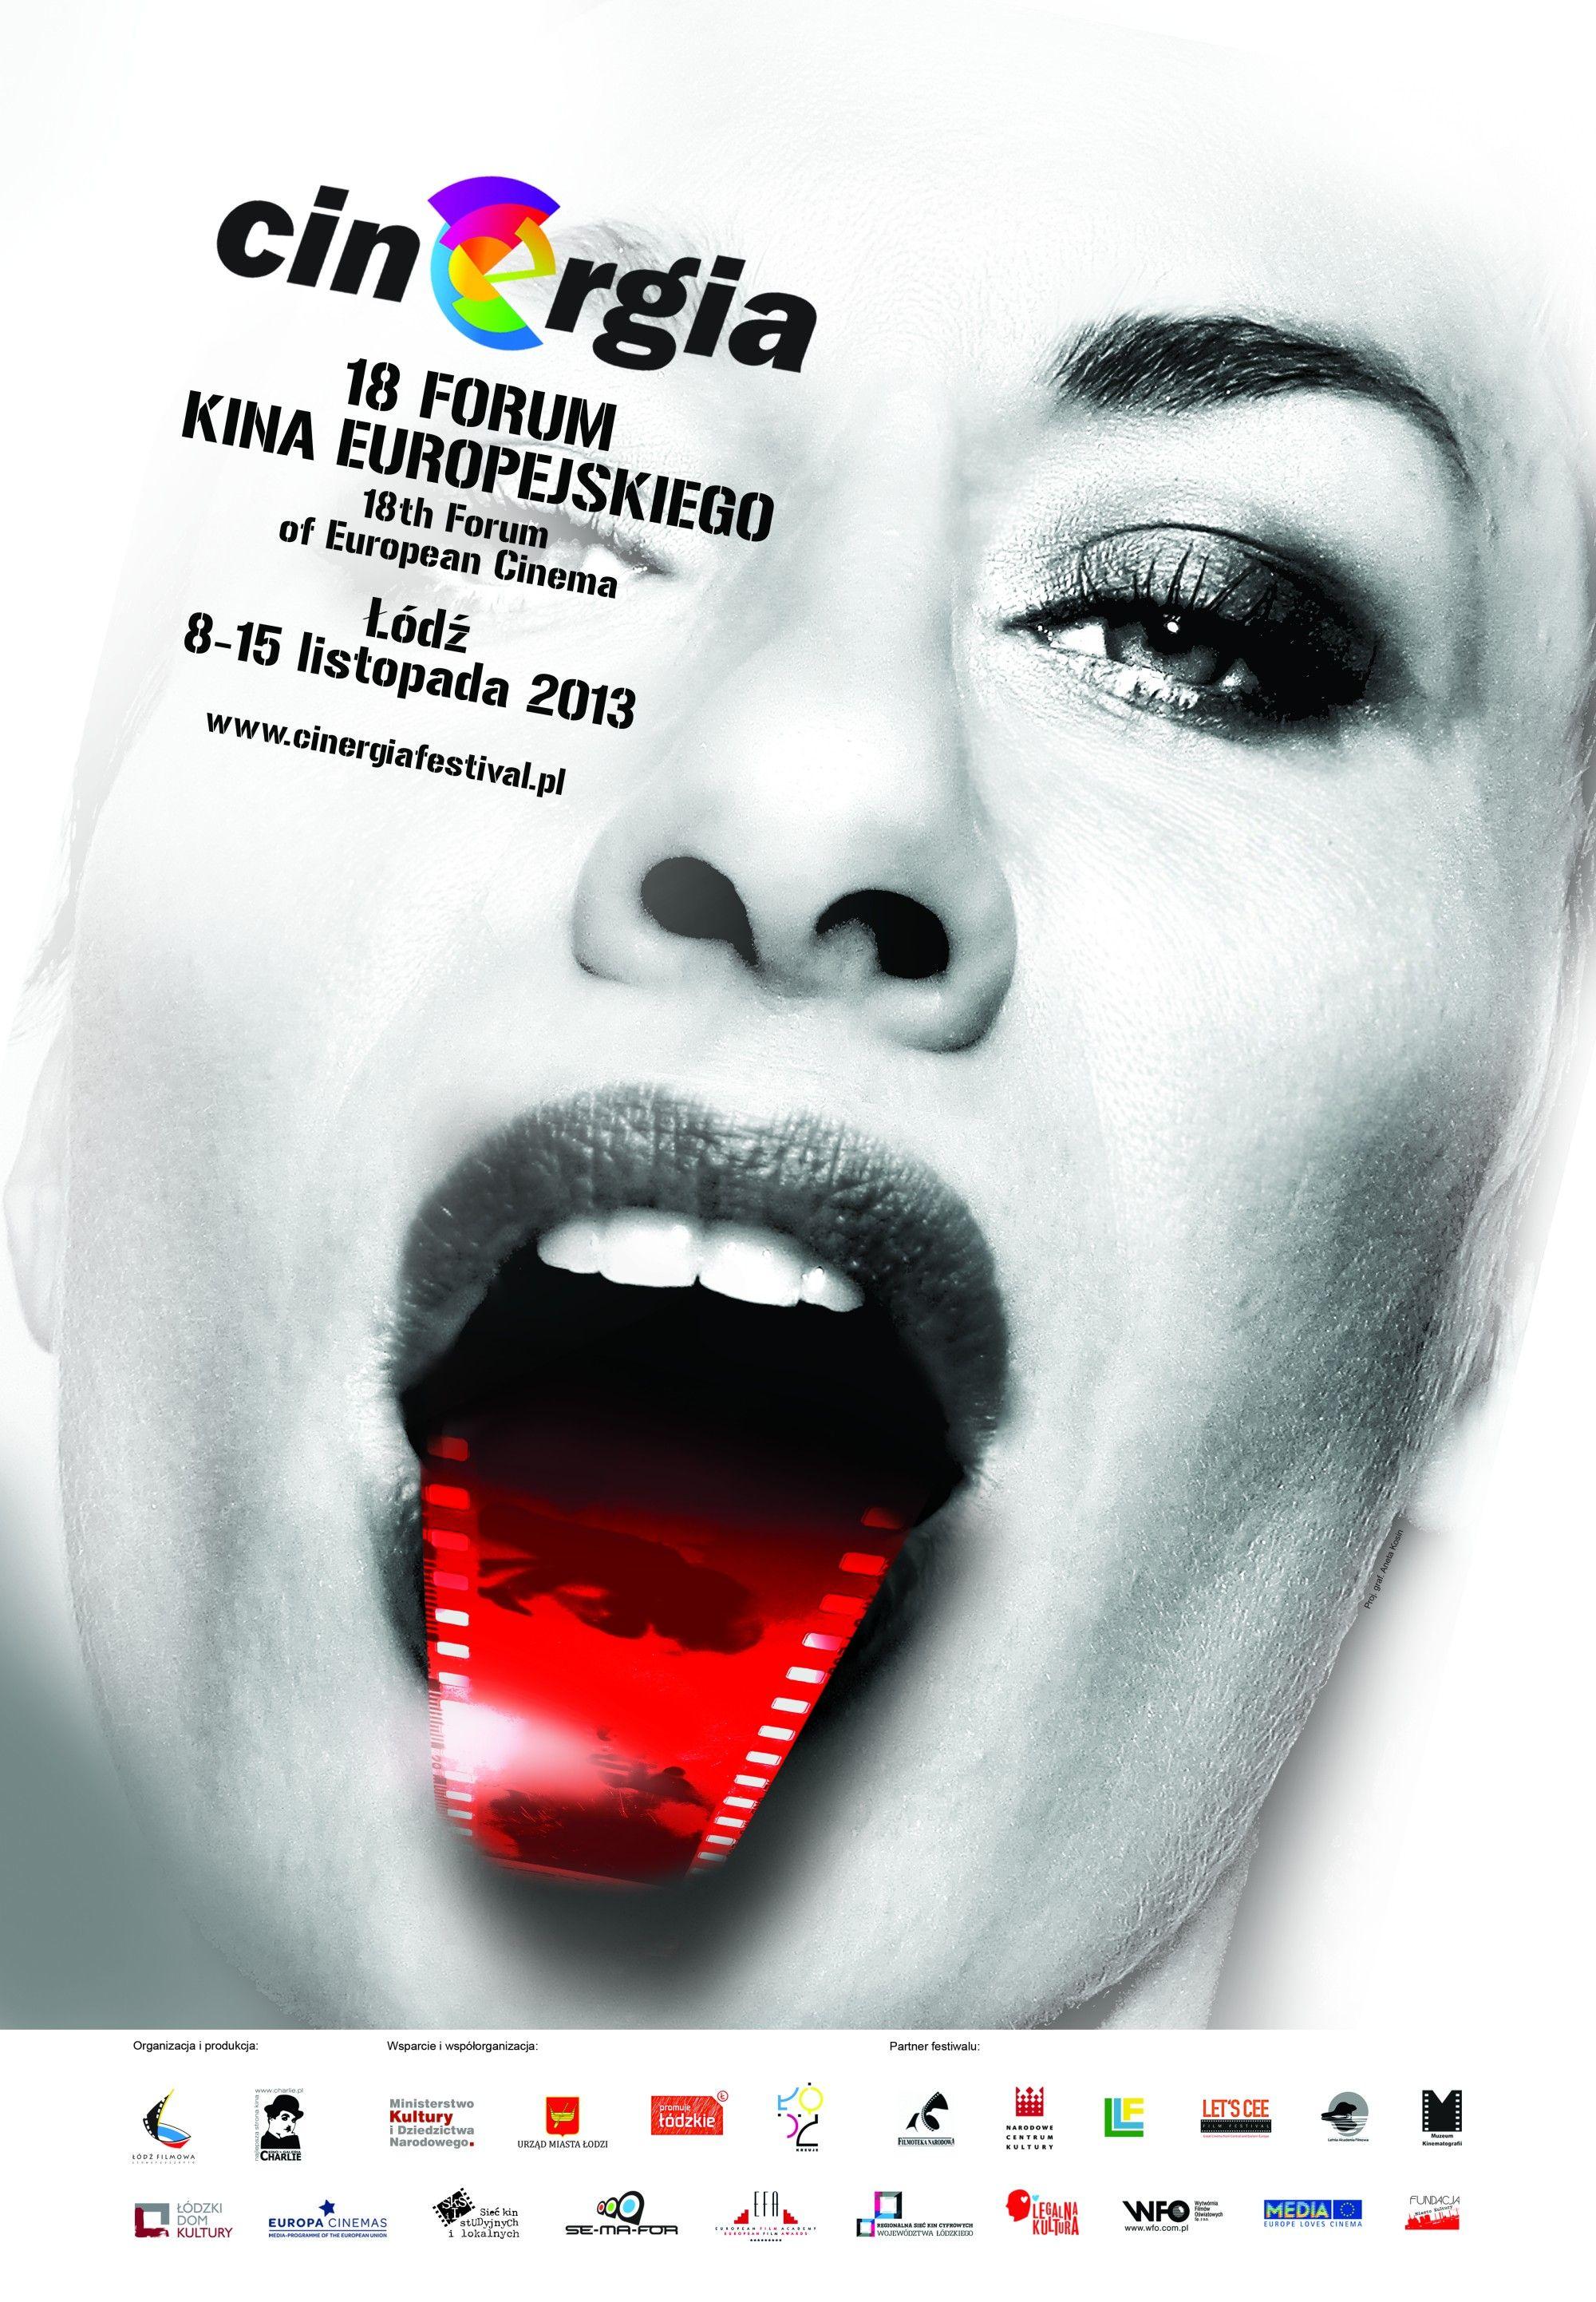 Cinergia 2013